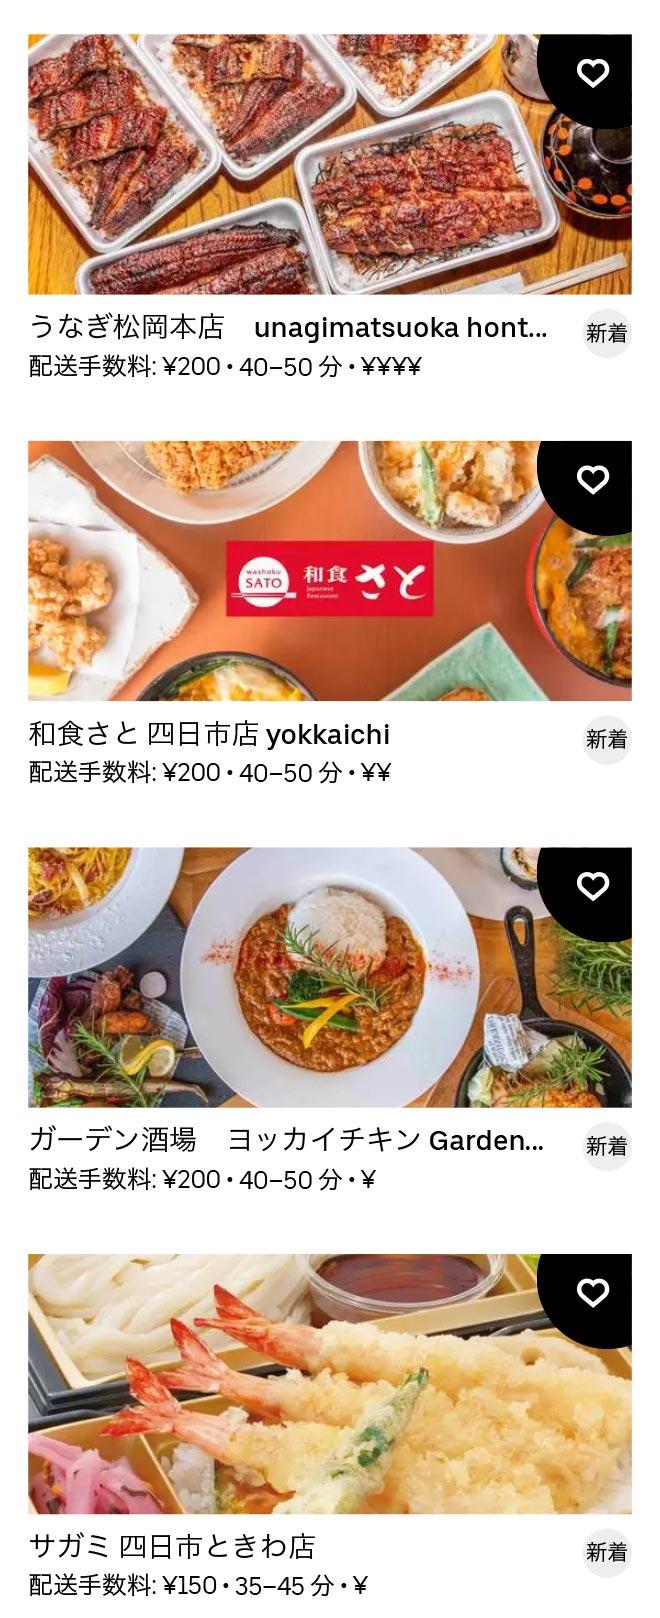 Minami hinaga menu 2012 05